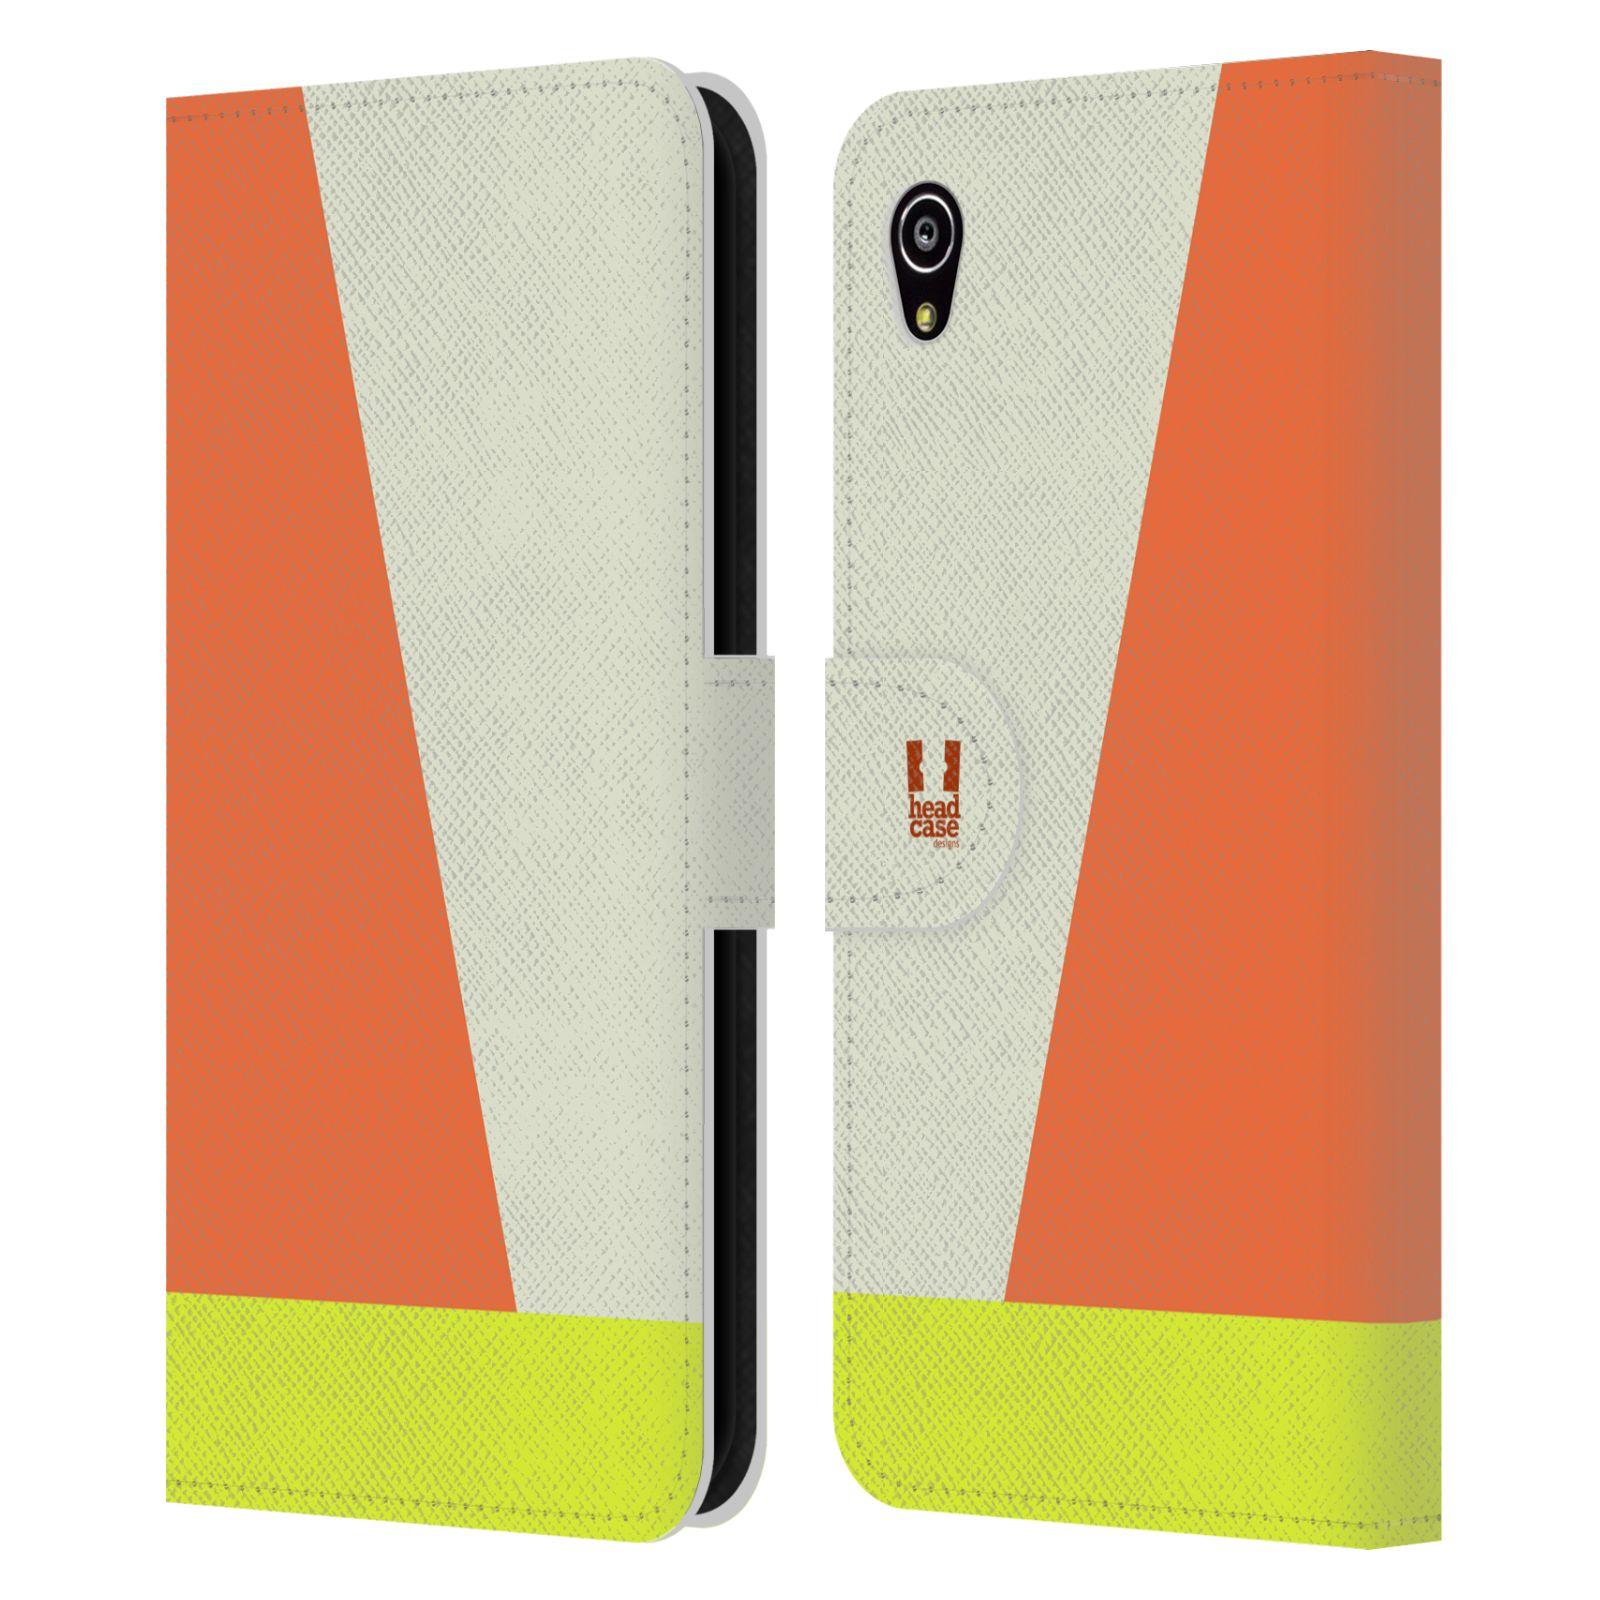 HEAD CASE Flipové pouzdro pro mobil SONY Xperia M4 Aqua barevné tvary slonová kost